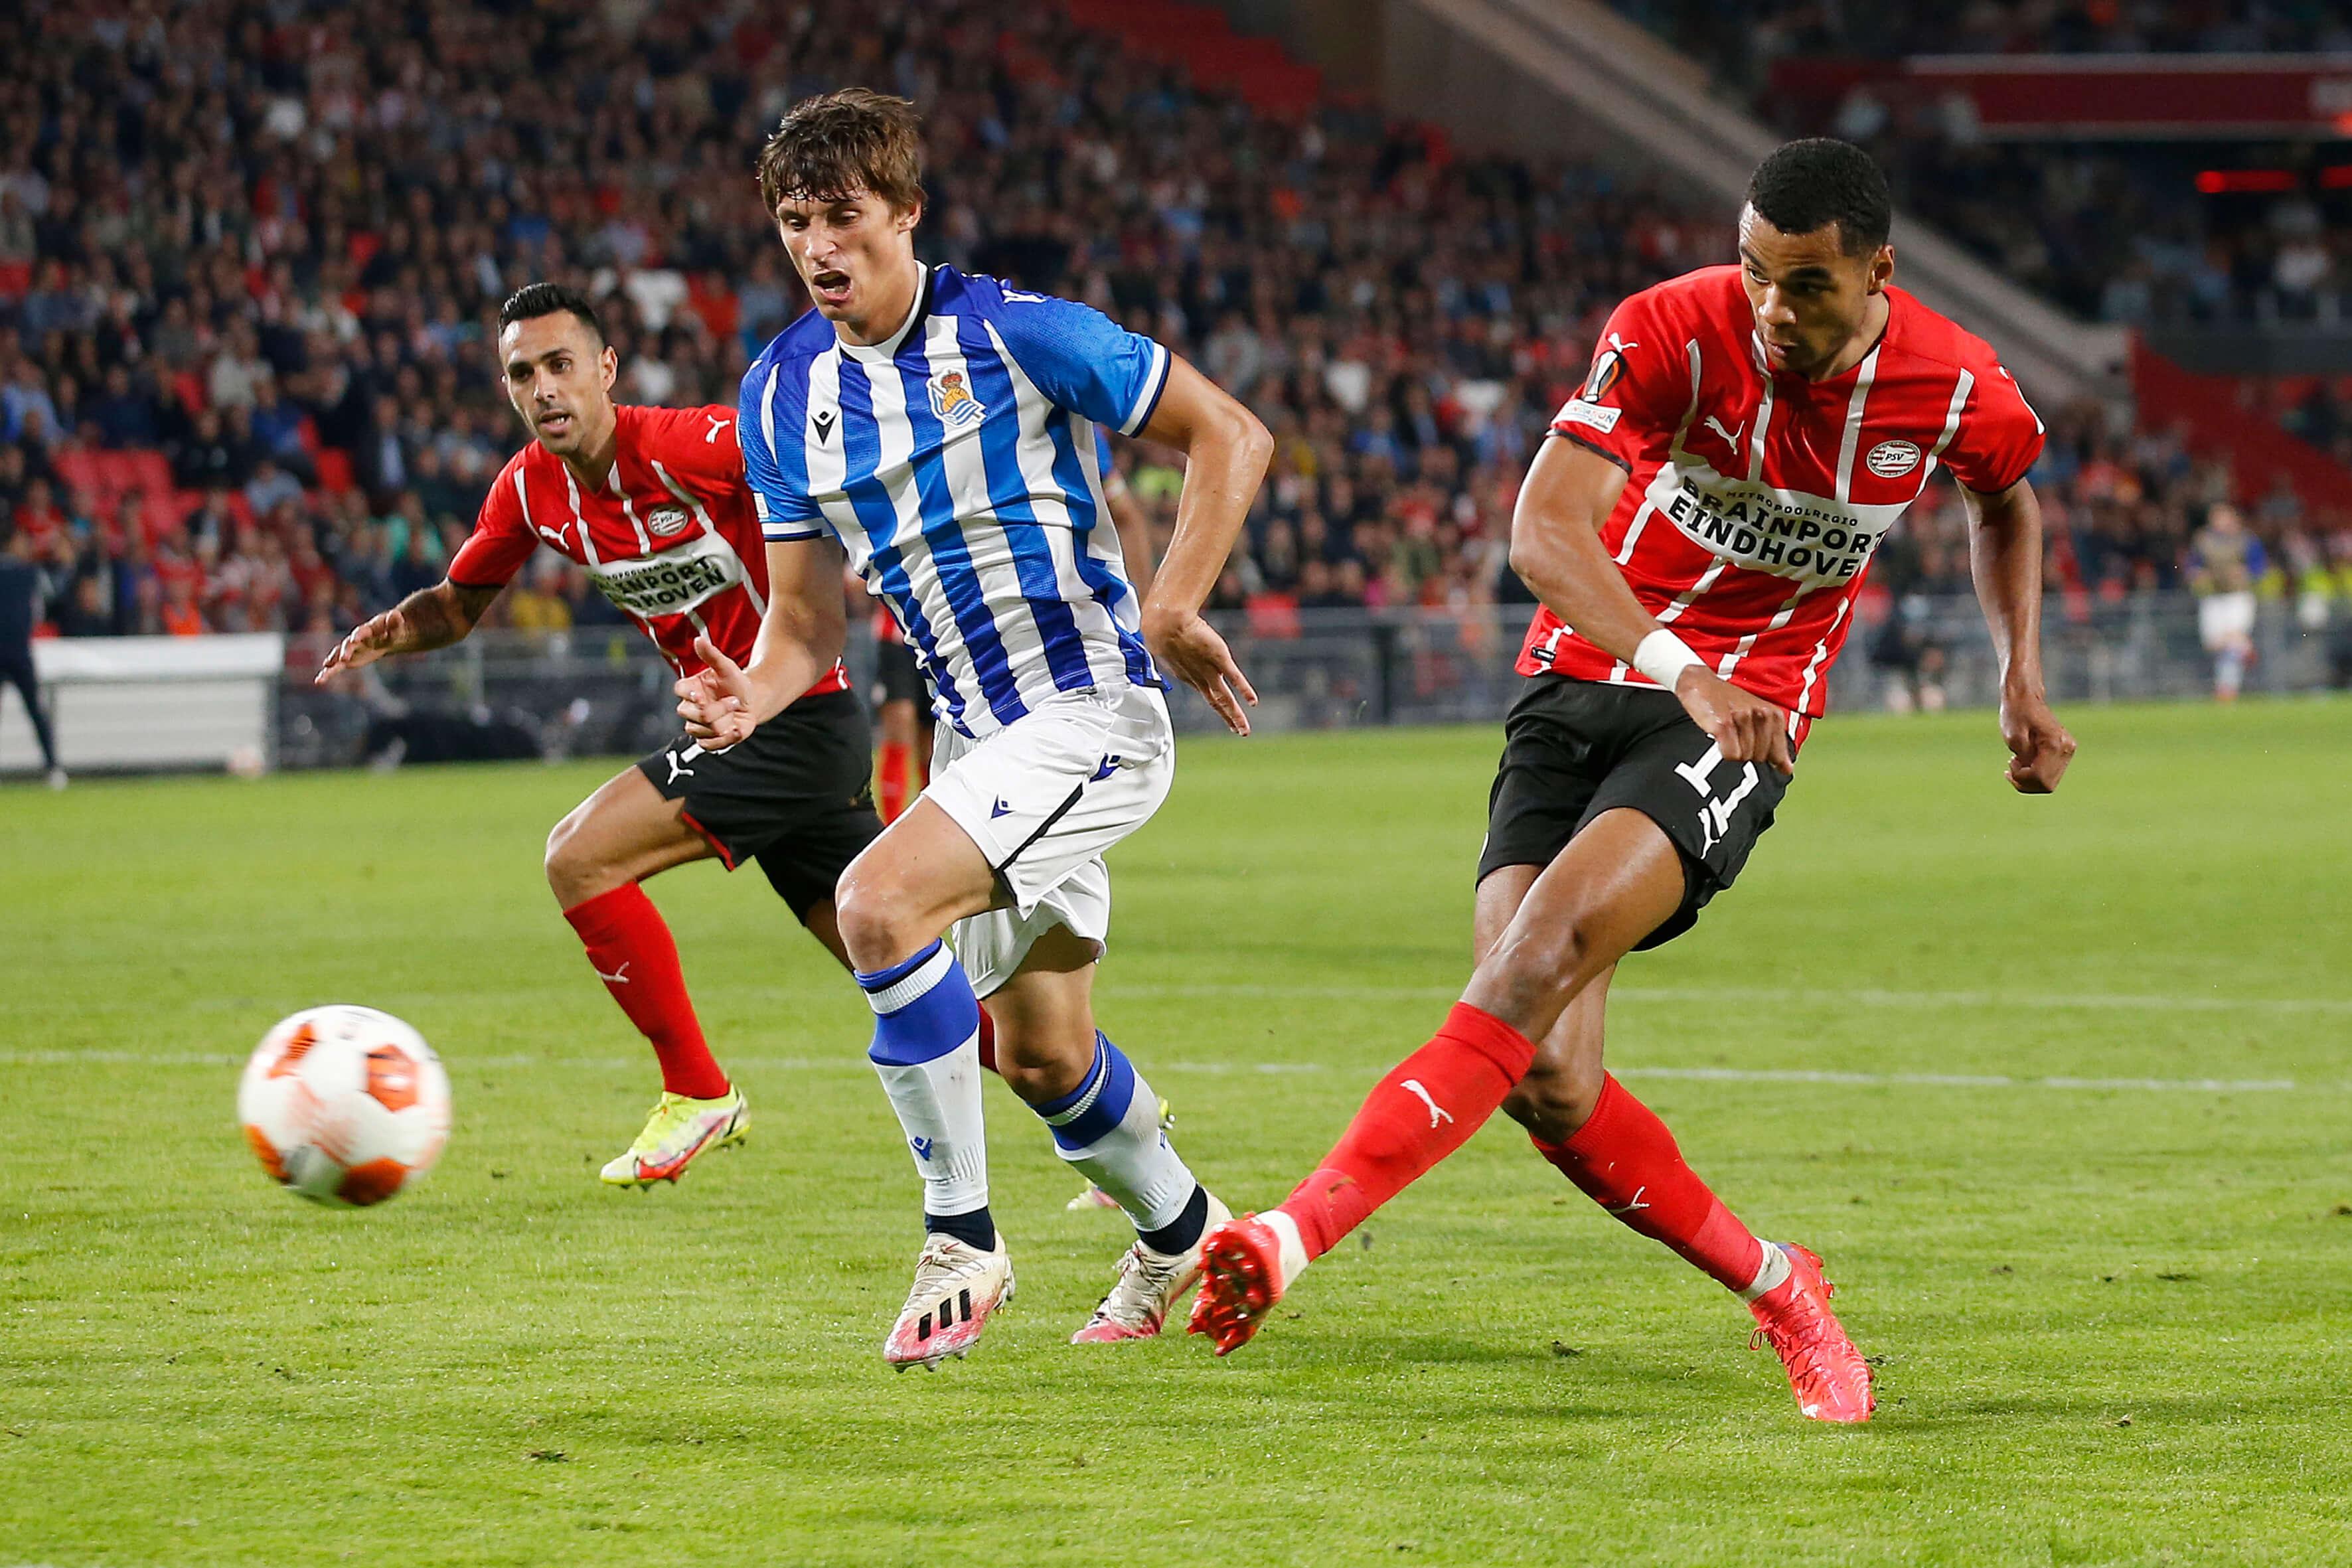 PSV begint groepsfase met gelijkspel tegen Real Sociedad; image source: Pro Shots